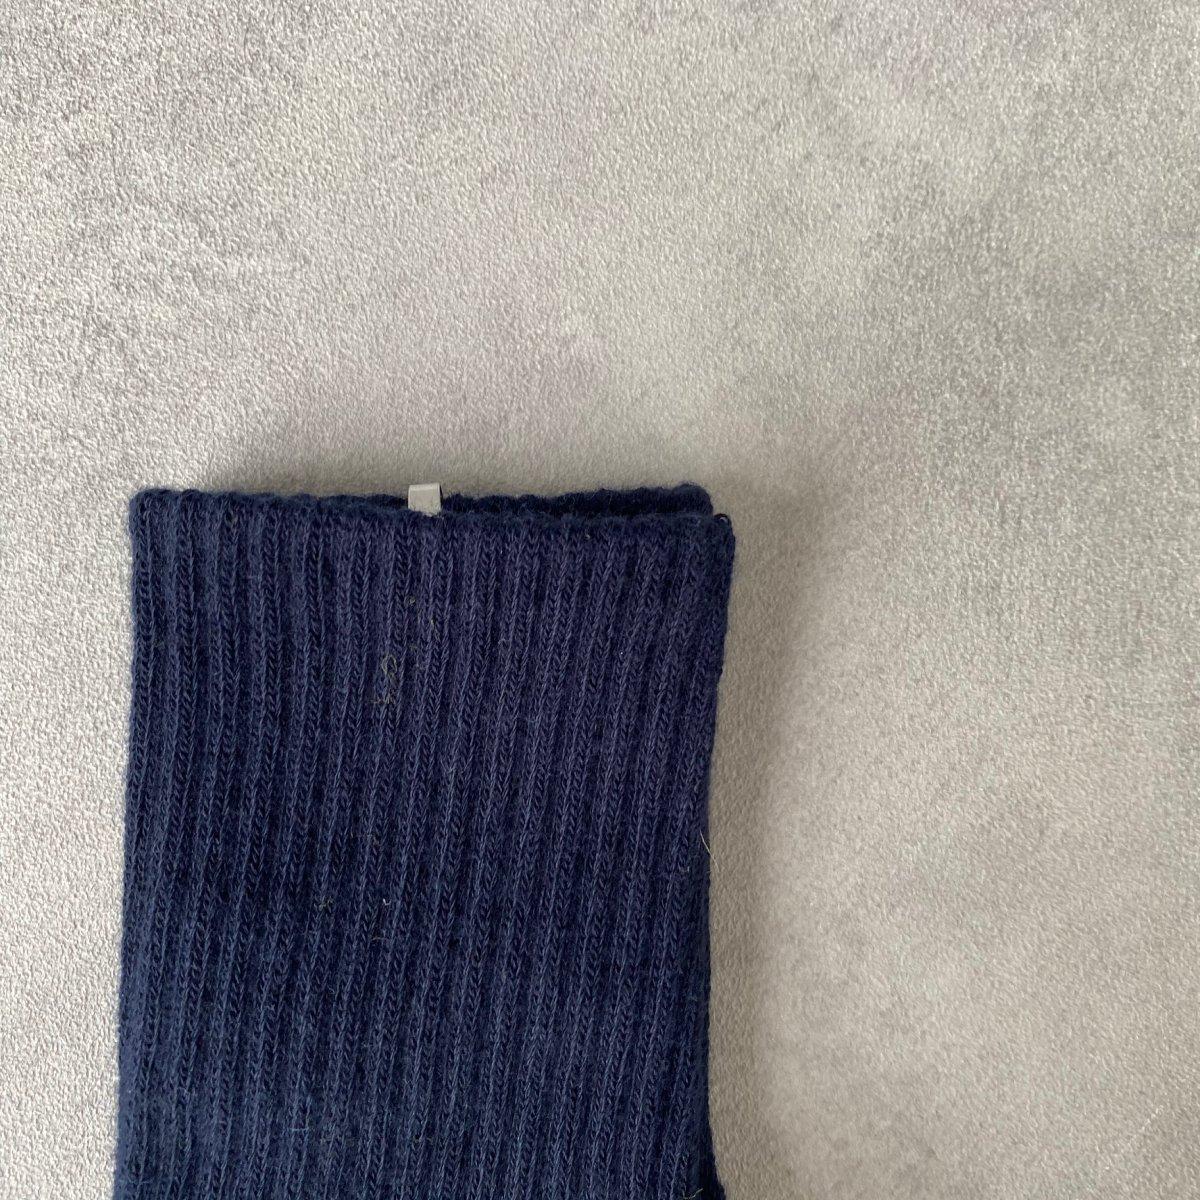 【BABY】Smile Socks 詳細画像21